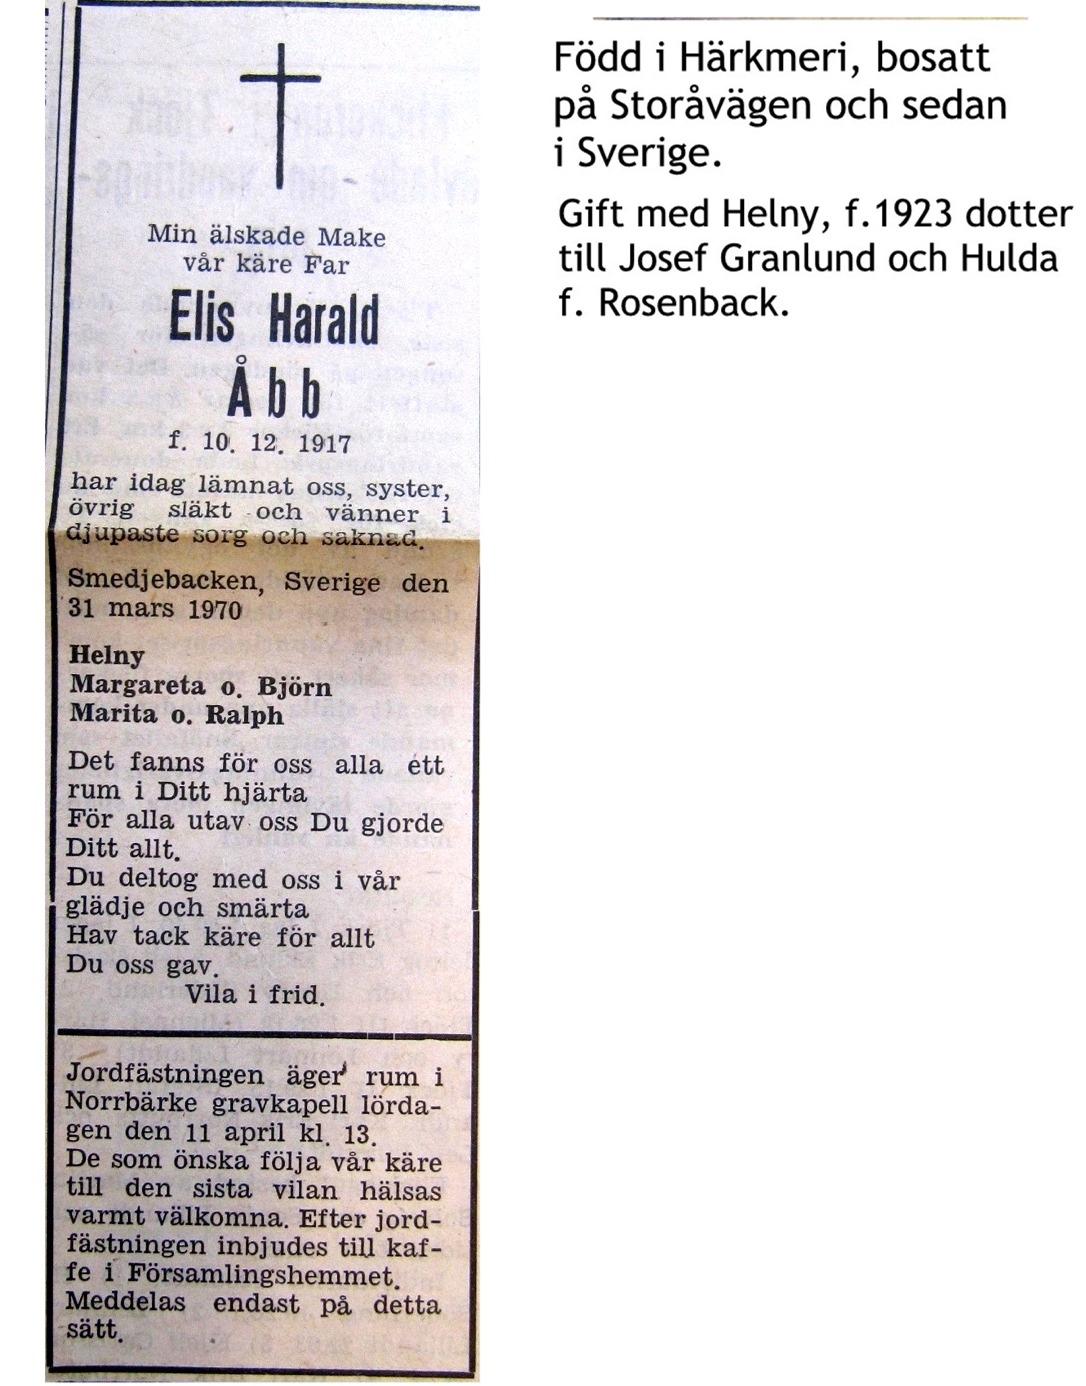 Åbb Elis Harald